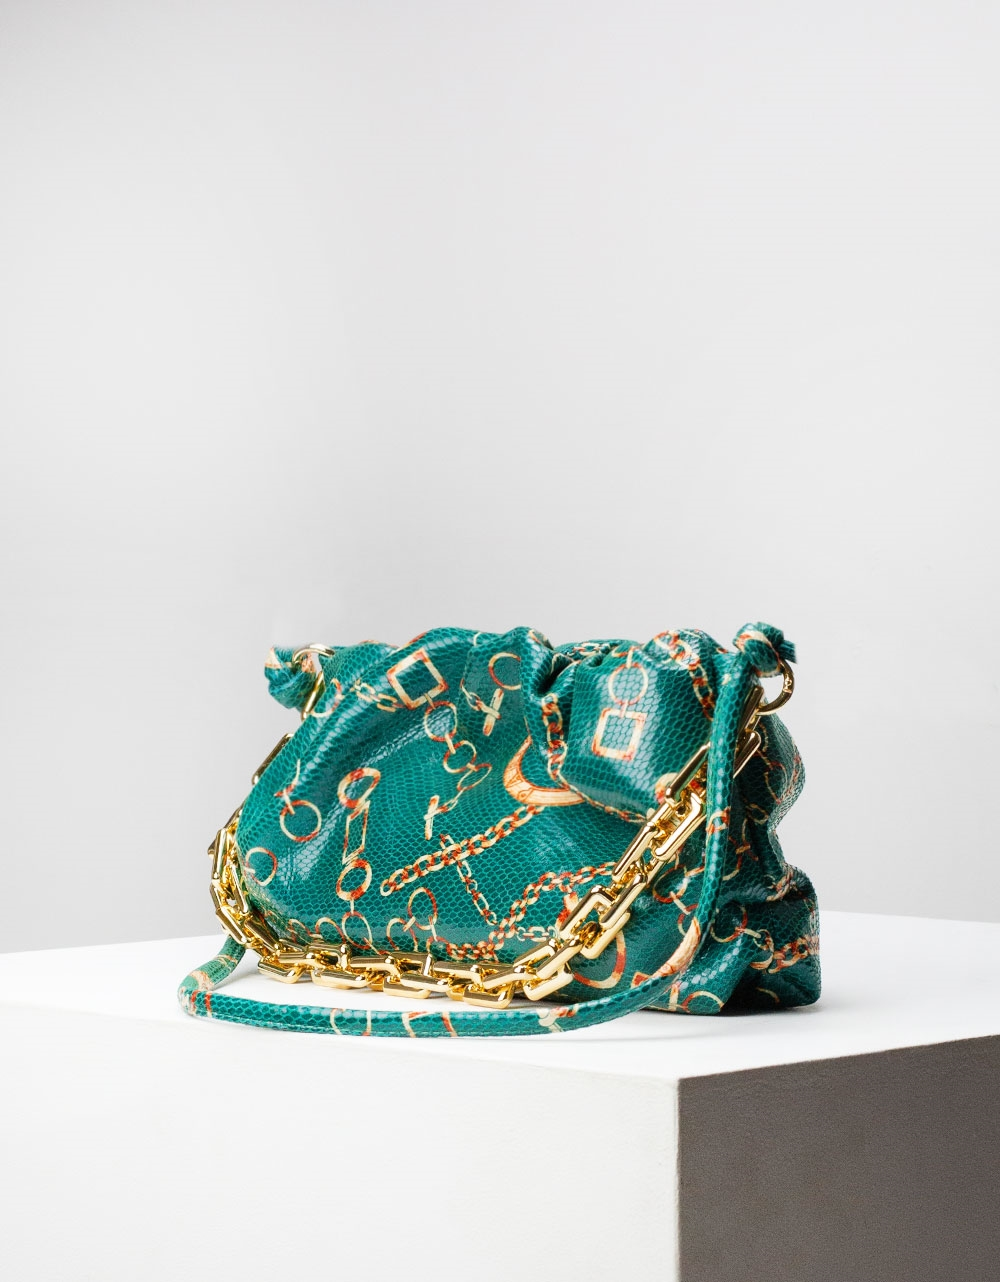 Εικόνα από Γυναικεία τσάντα ώμου & χιαστί με διάφορα σχέδια Πράσινο